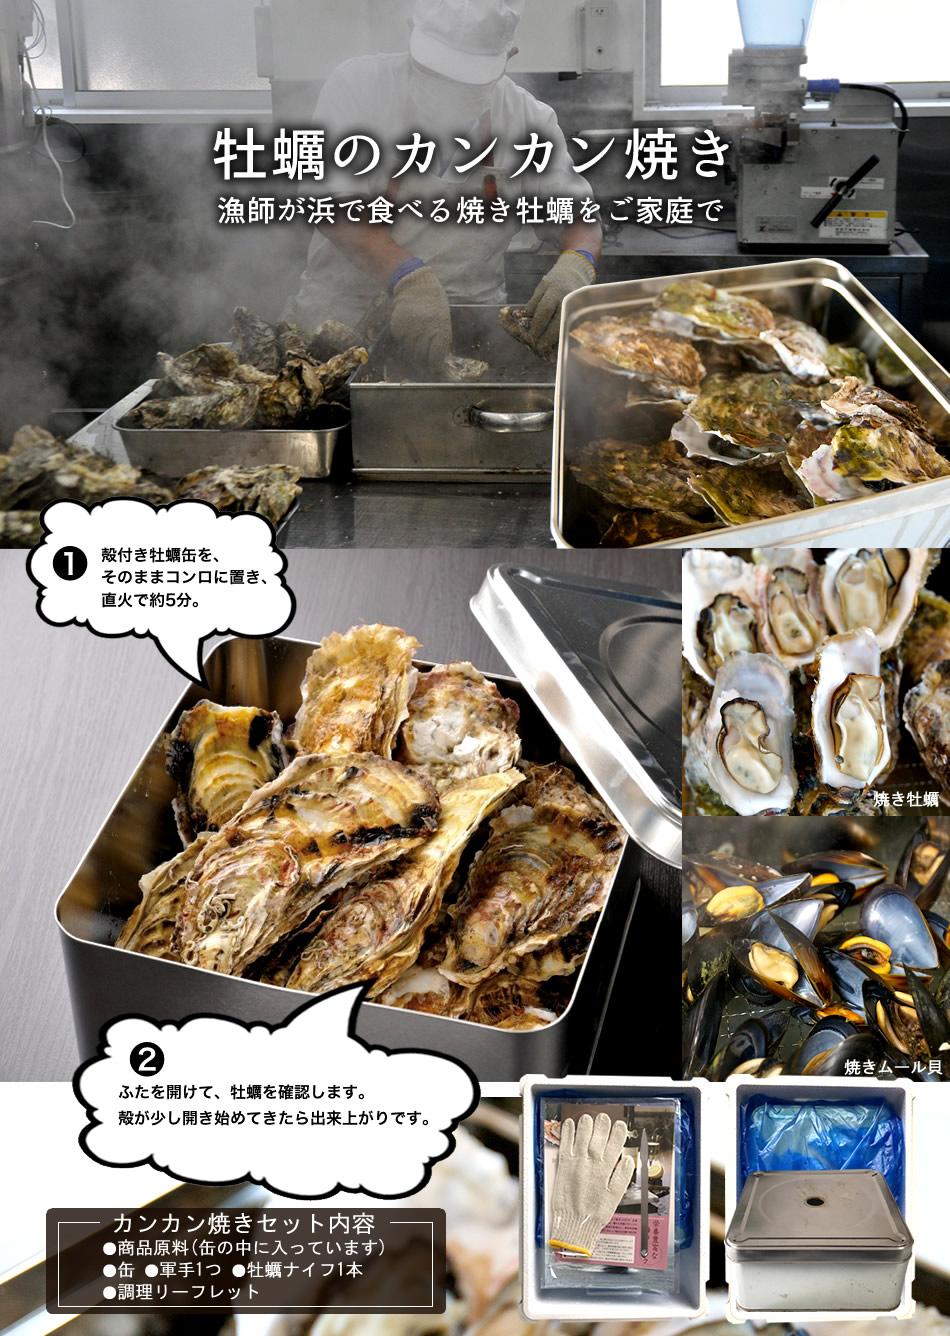 カンカン焼き 海遊 生牡蠣 宮城県石巻 雄勝湾 カキ漁師